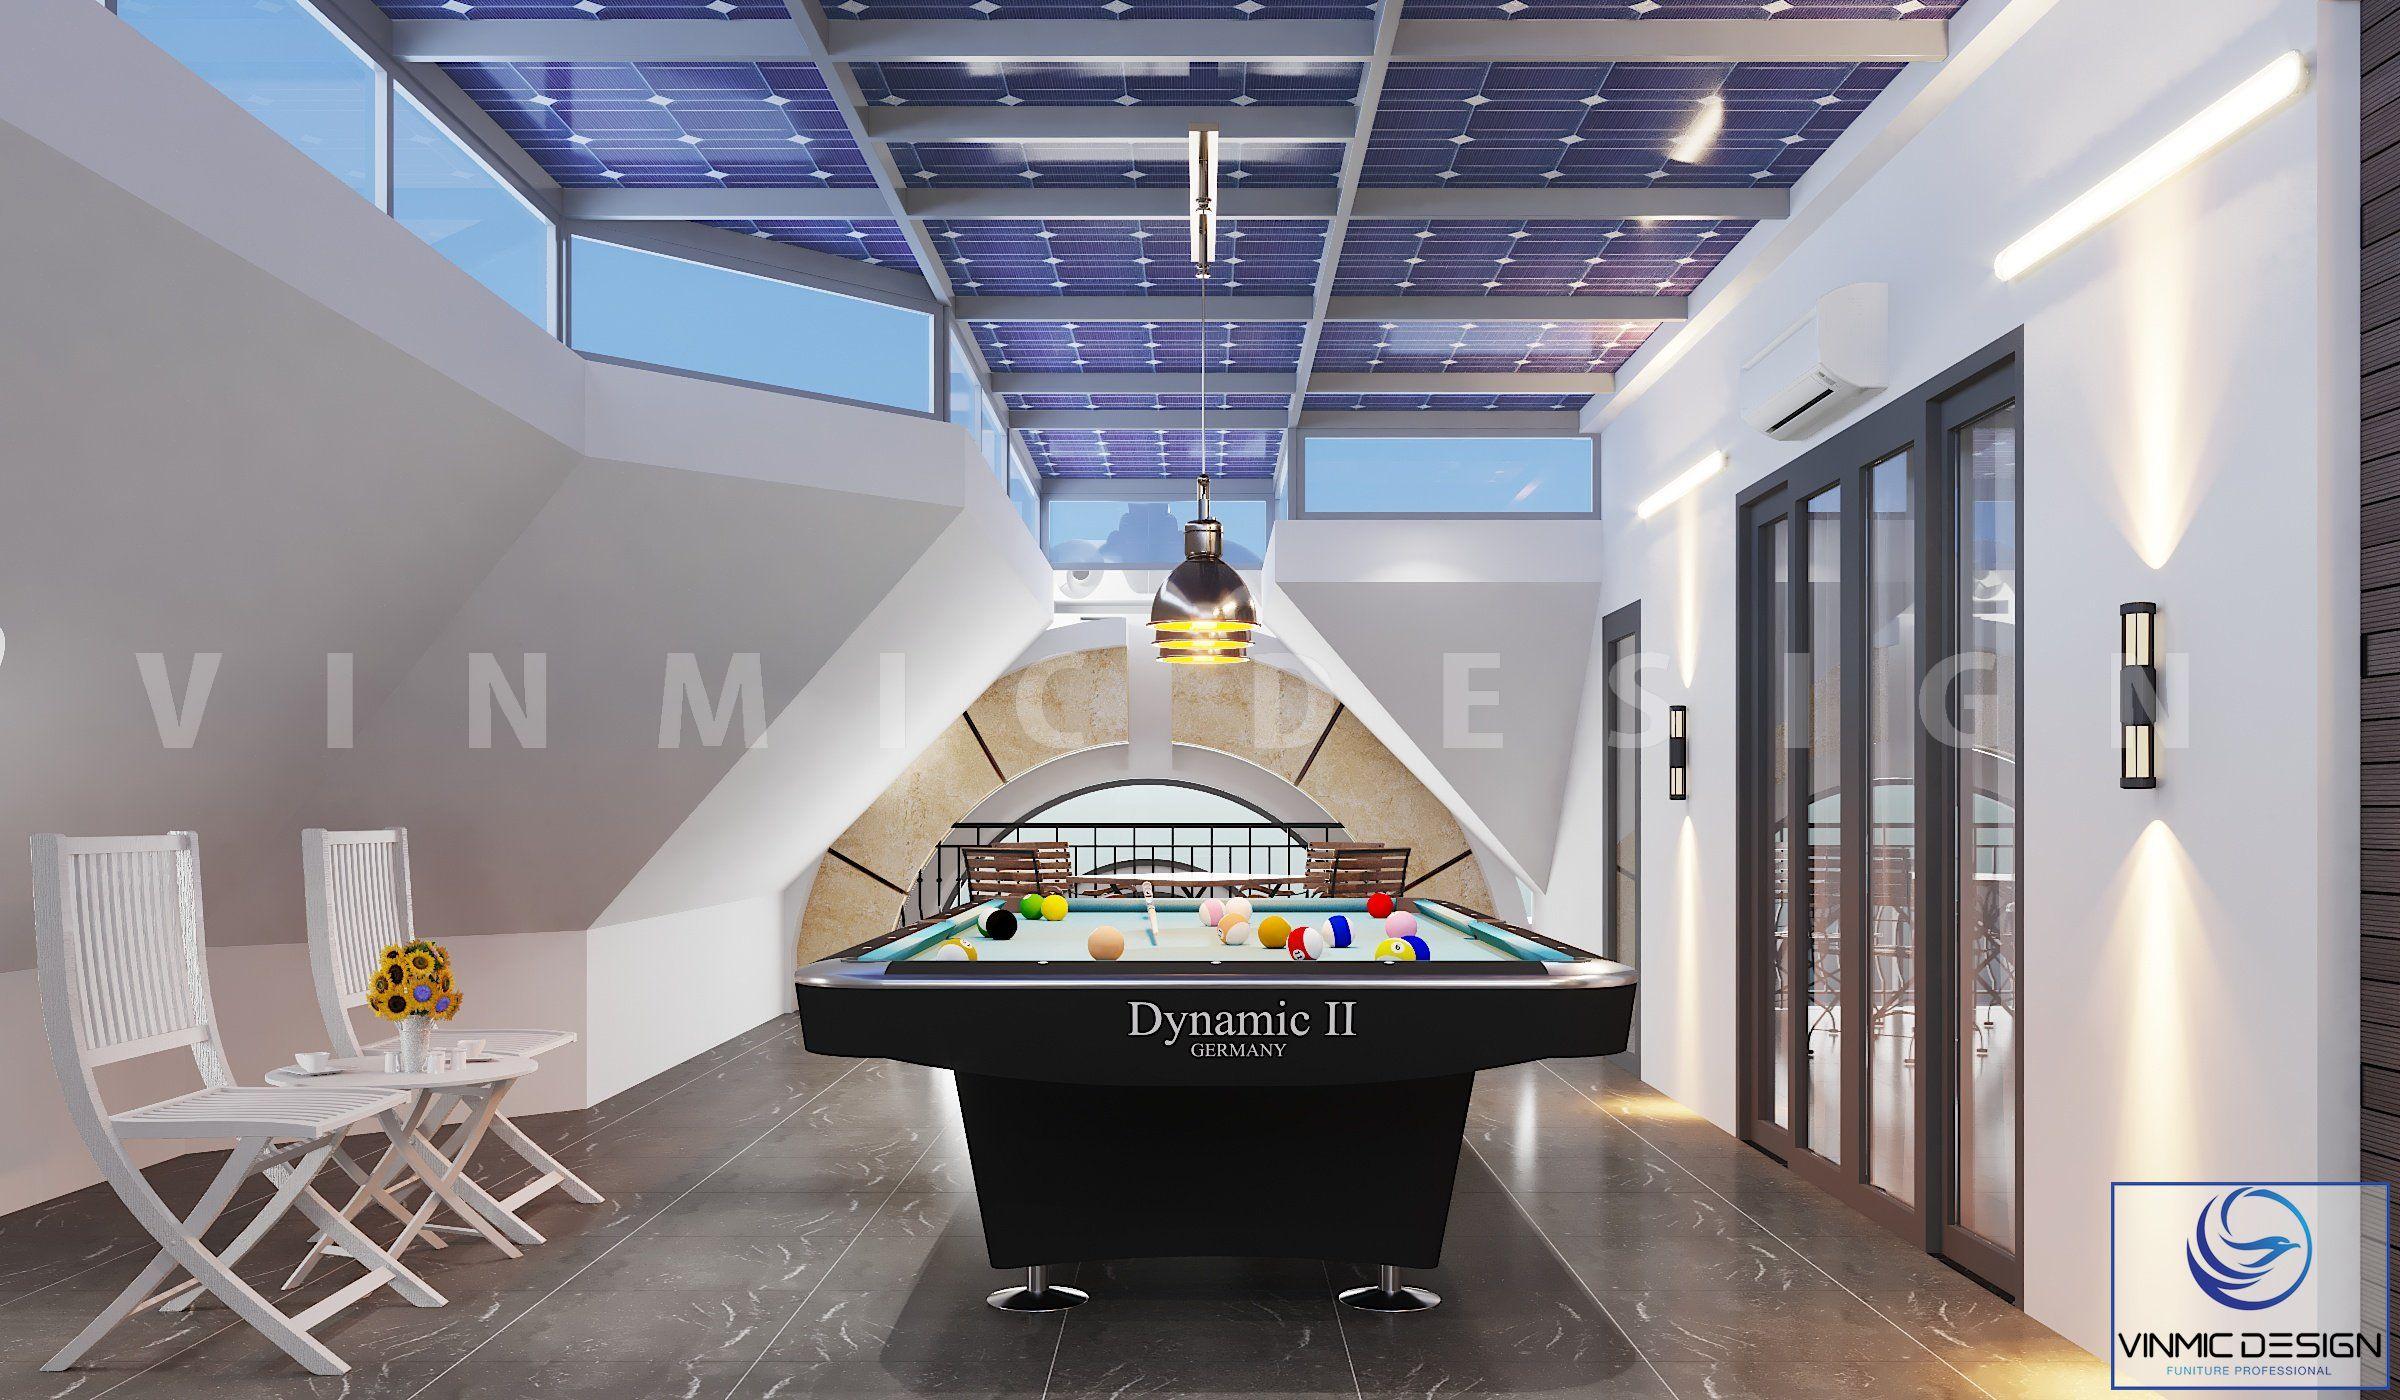 Thiết kế phòng chơi bida đẹp tại biệt thự Vinhomes Imperia Hải Phòng